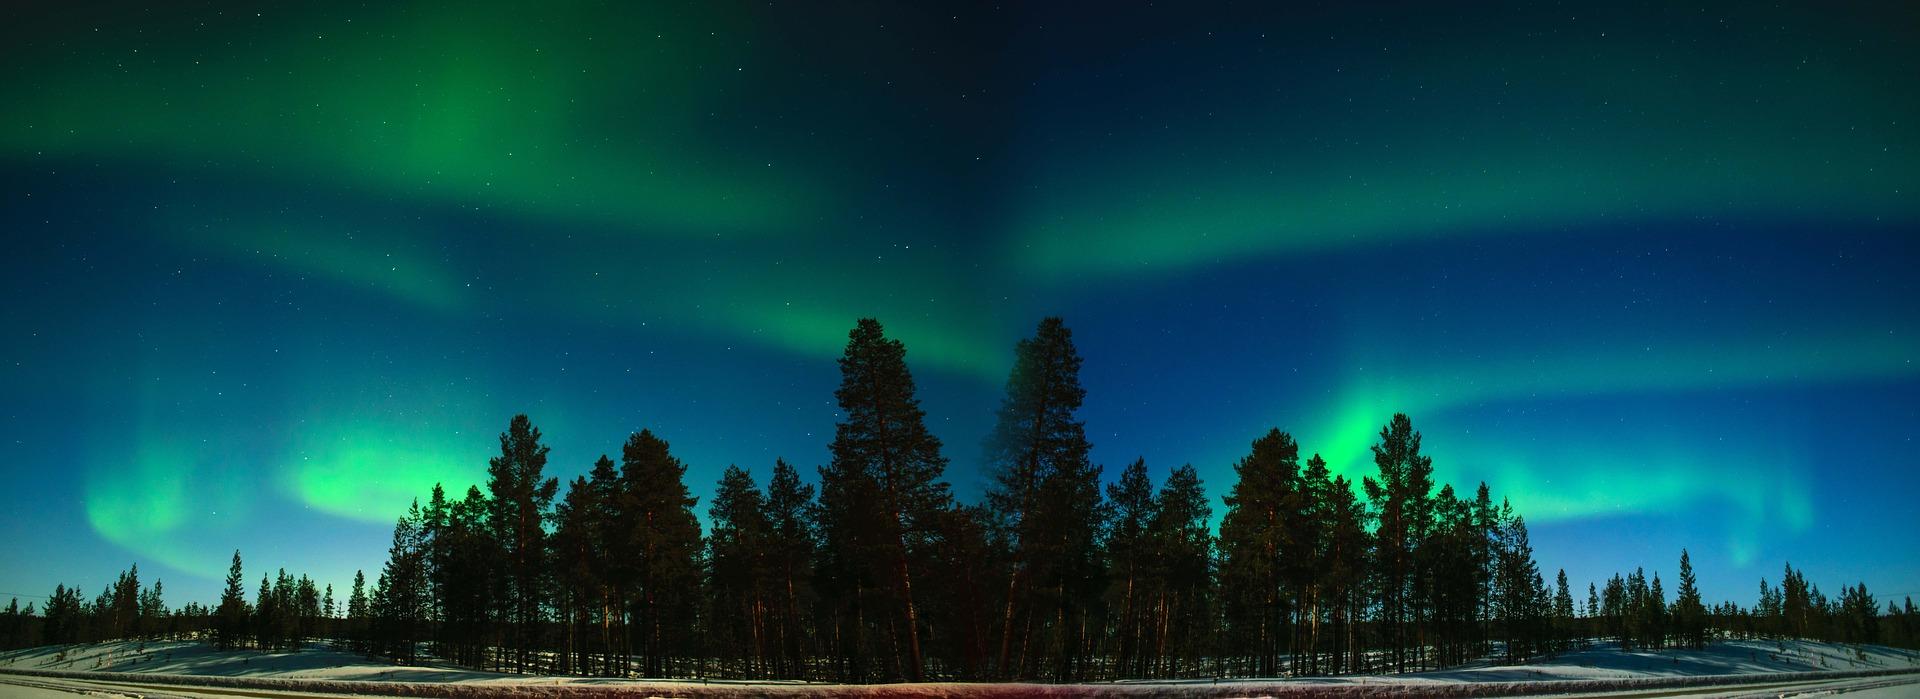 Aurora in Inari, Finland